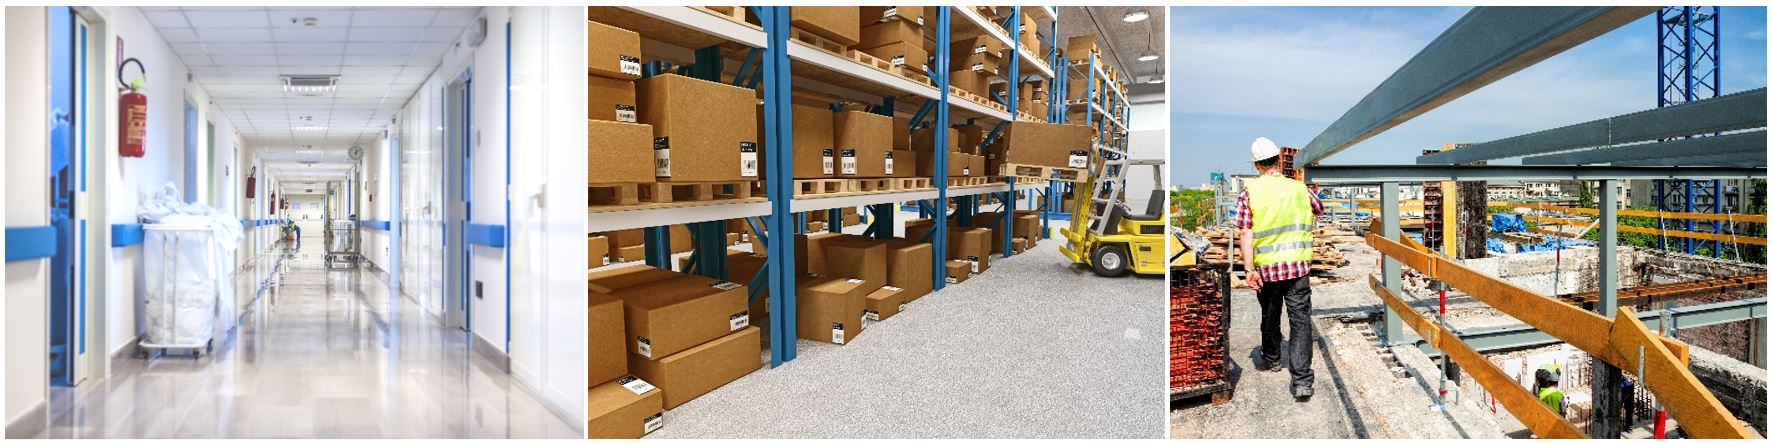 Systém WELL RTX využijete v nemocnicích, velkoskladu nebo i na stavbě